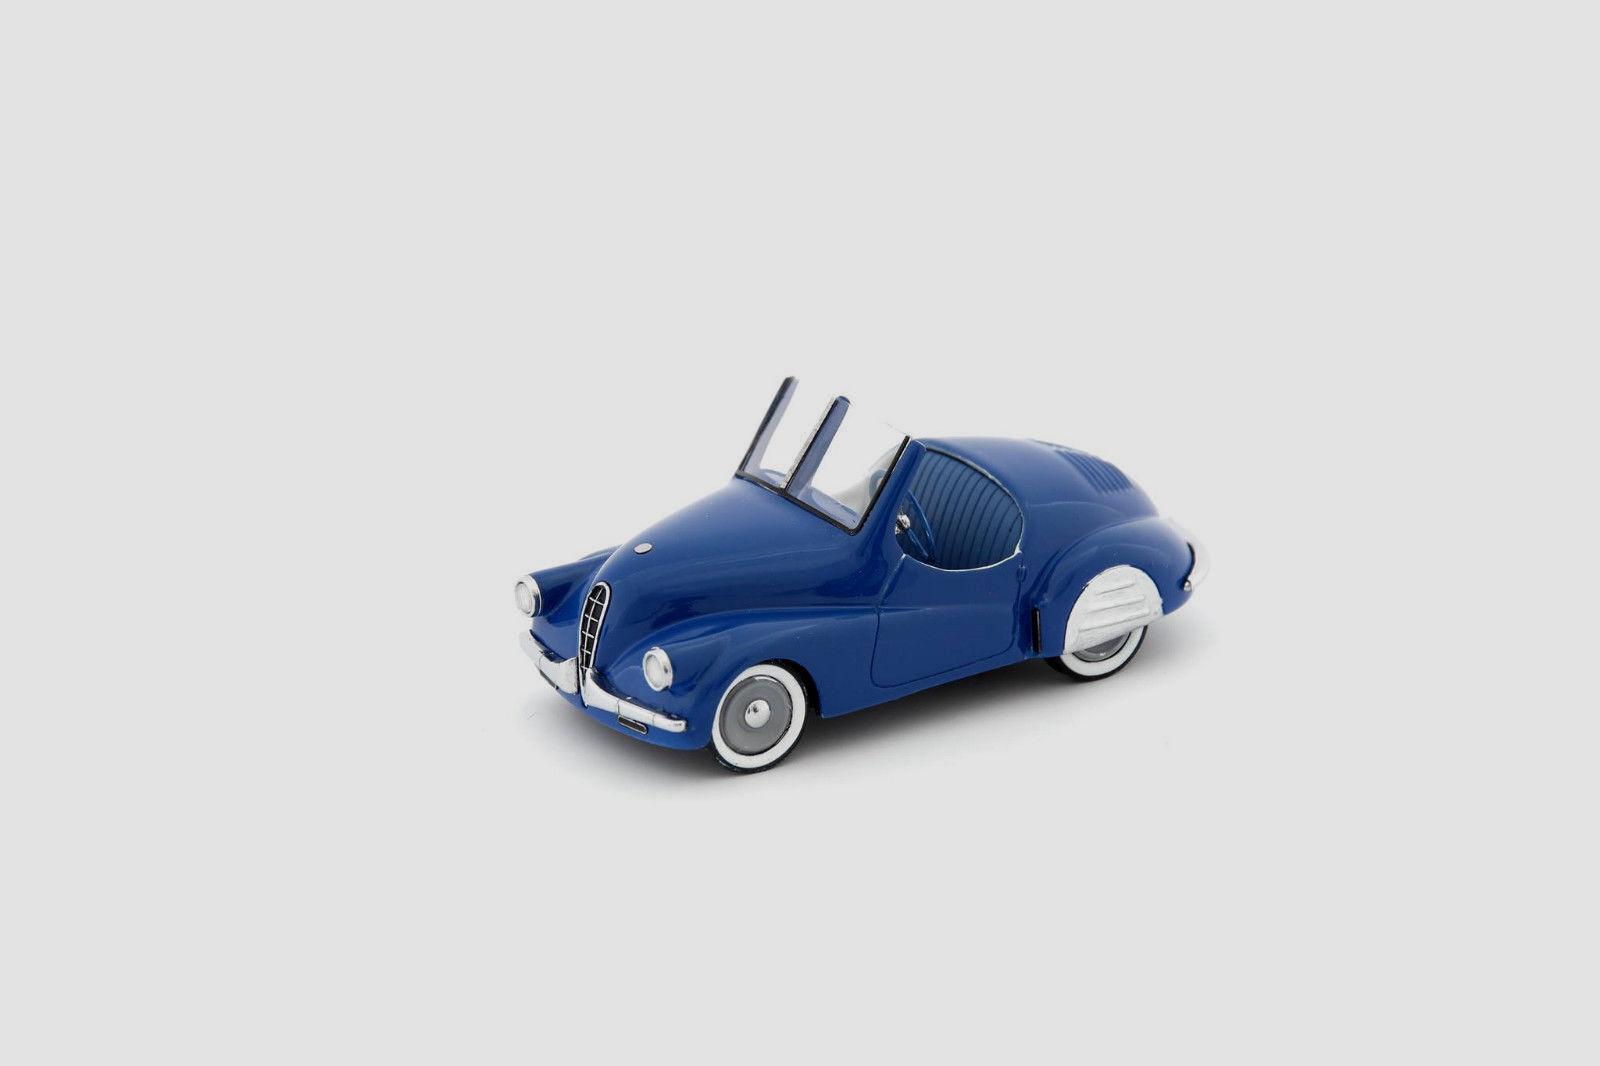 Wonderful modelcar A.L.C.A. VOLPE 1947 - Blau - scale 1 43 - ltd.edition